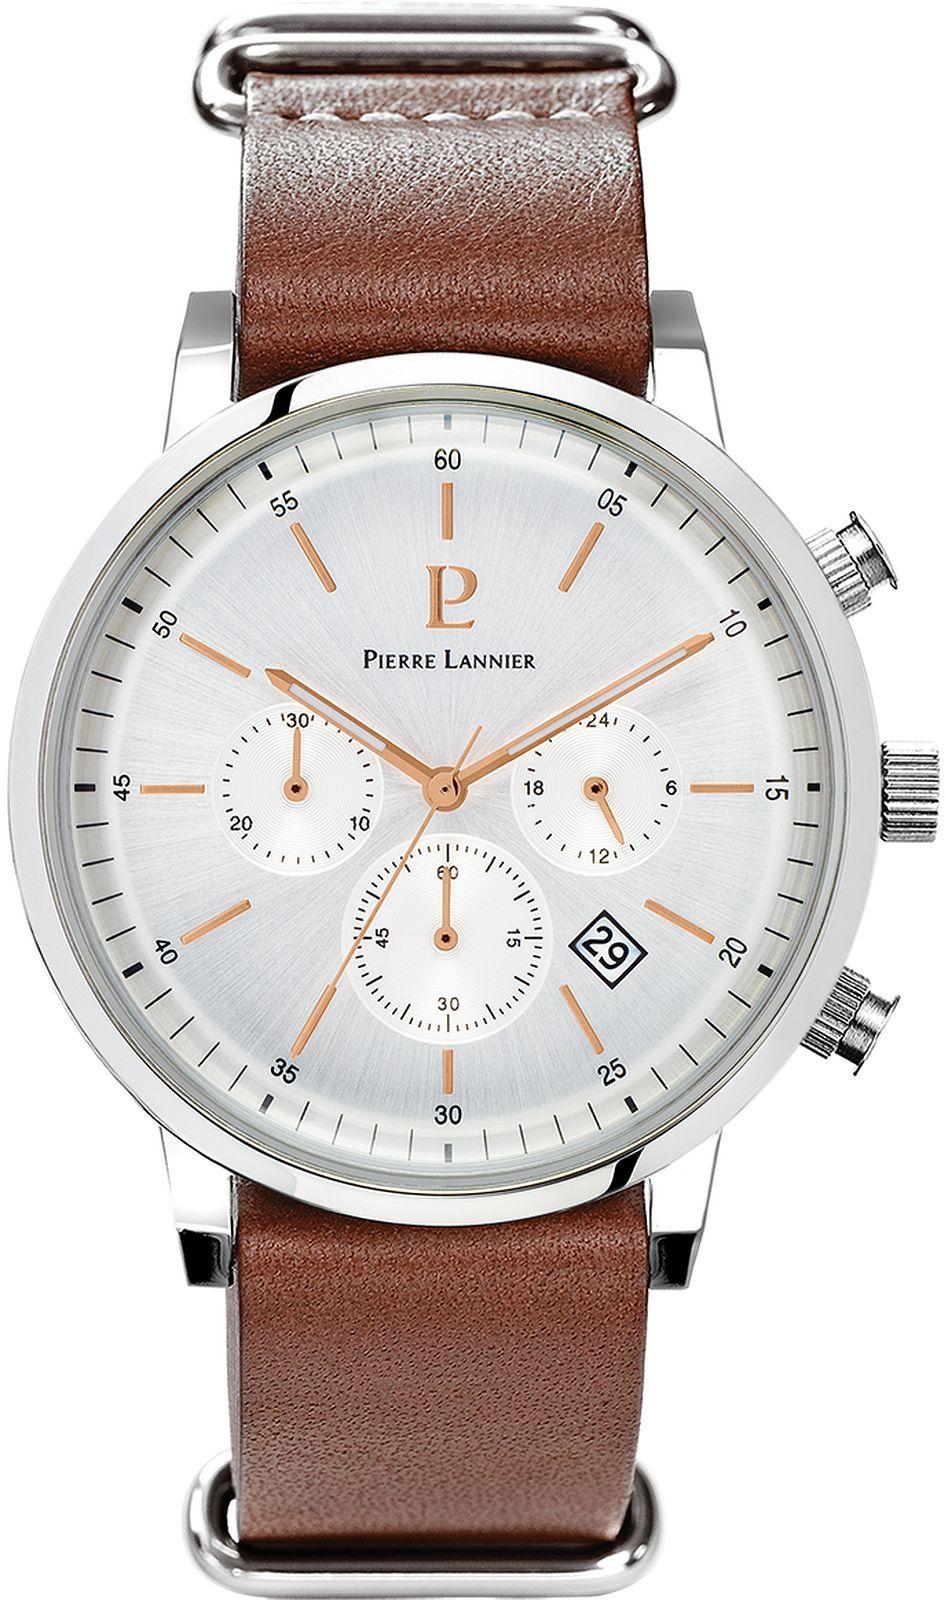 Pierre Lannier 207H124 > Wysyłka tego samego dnia Grawer 0zł Darmowa dostawa Kurierem/Inpost Darmowy zwrot przez 100 DNI